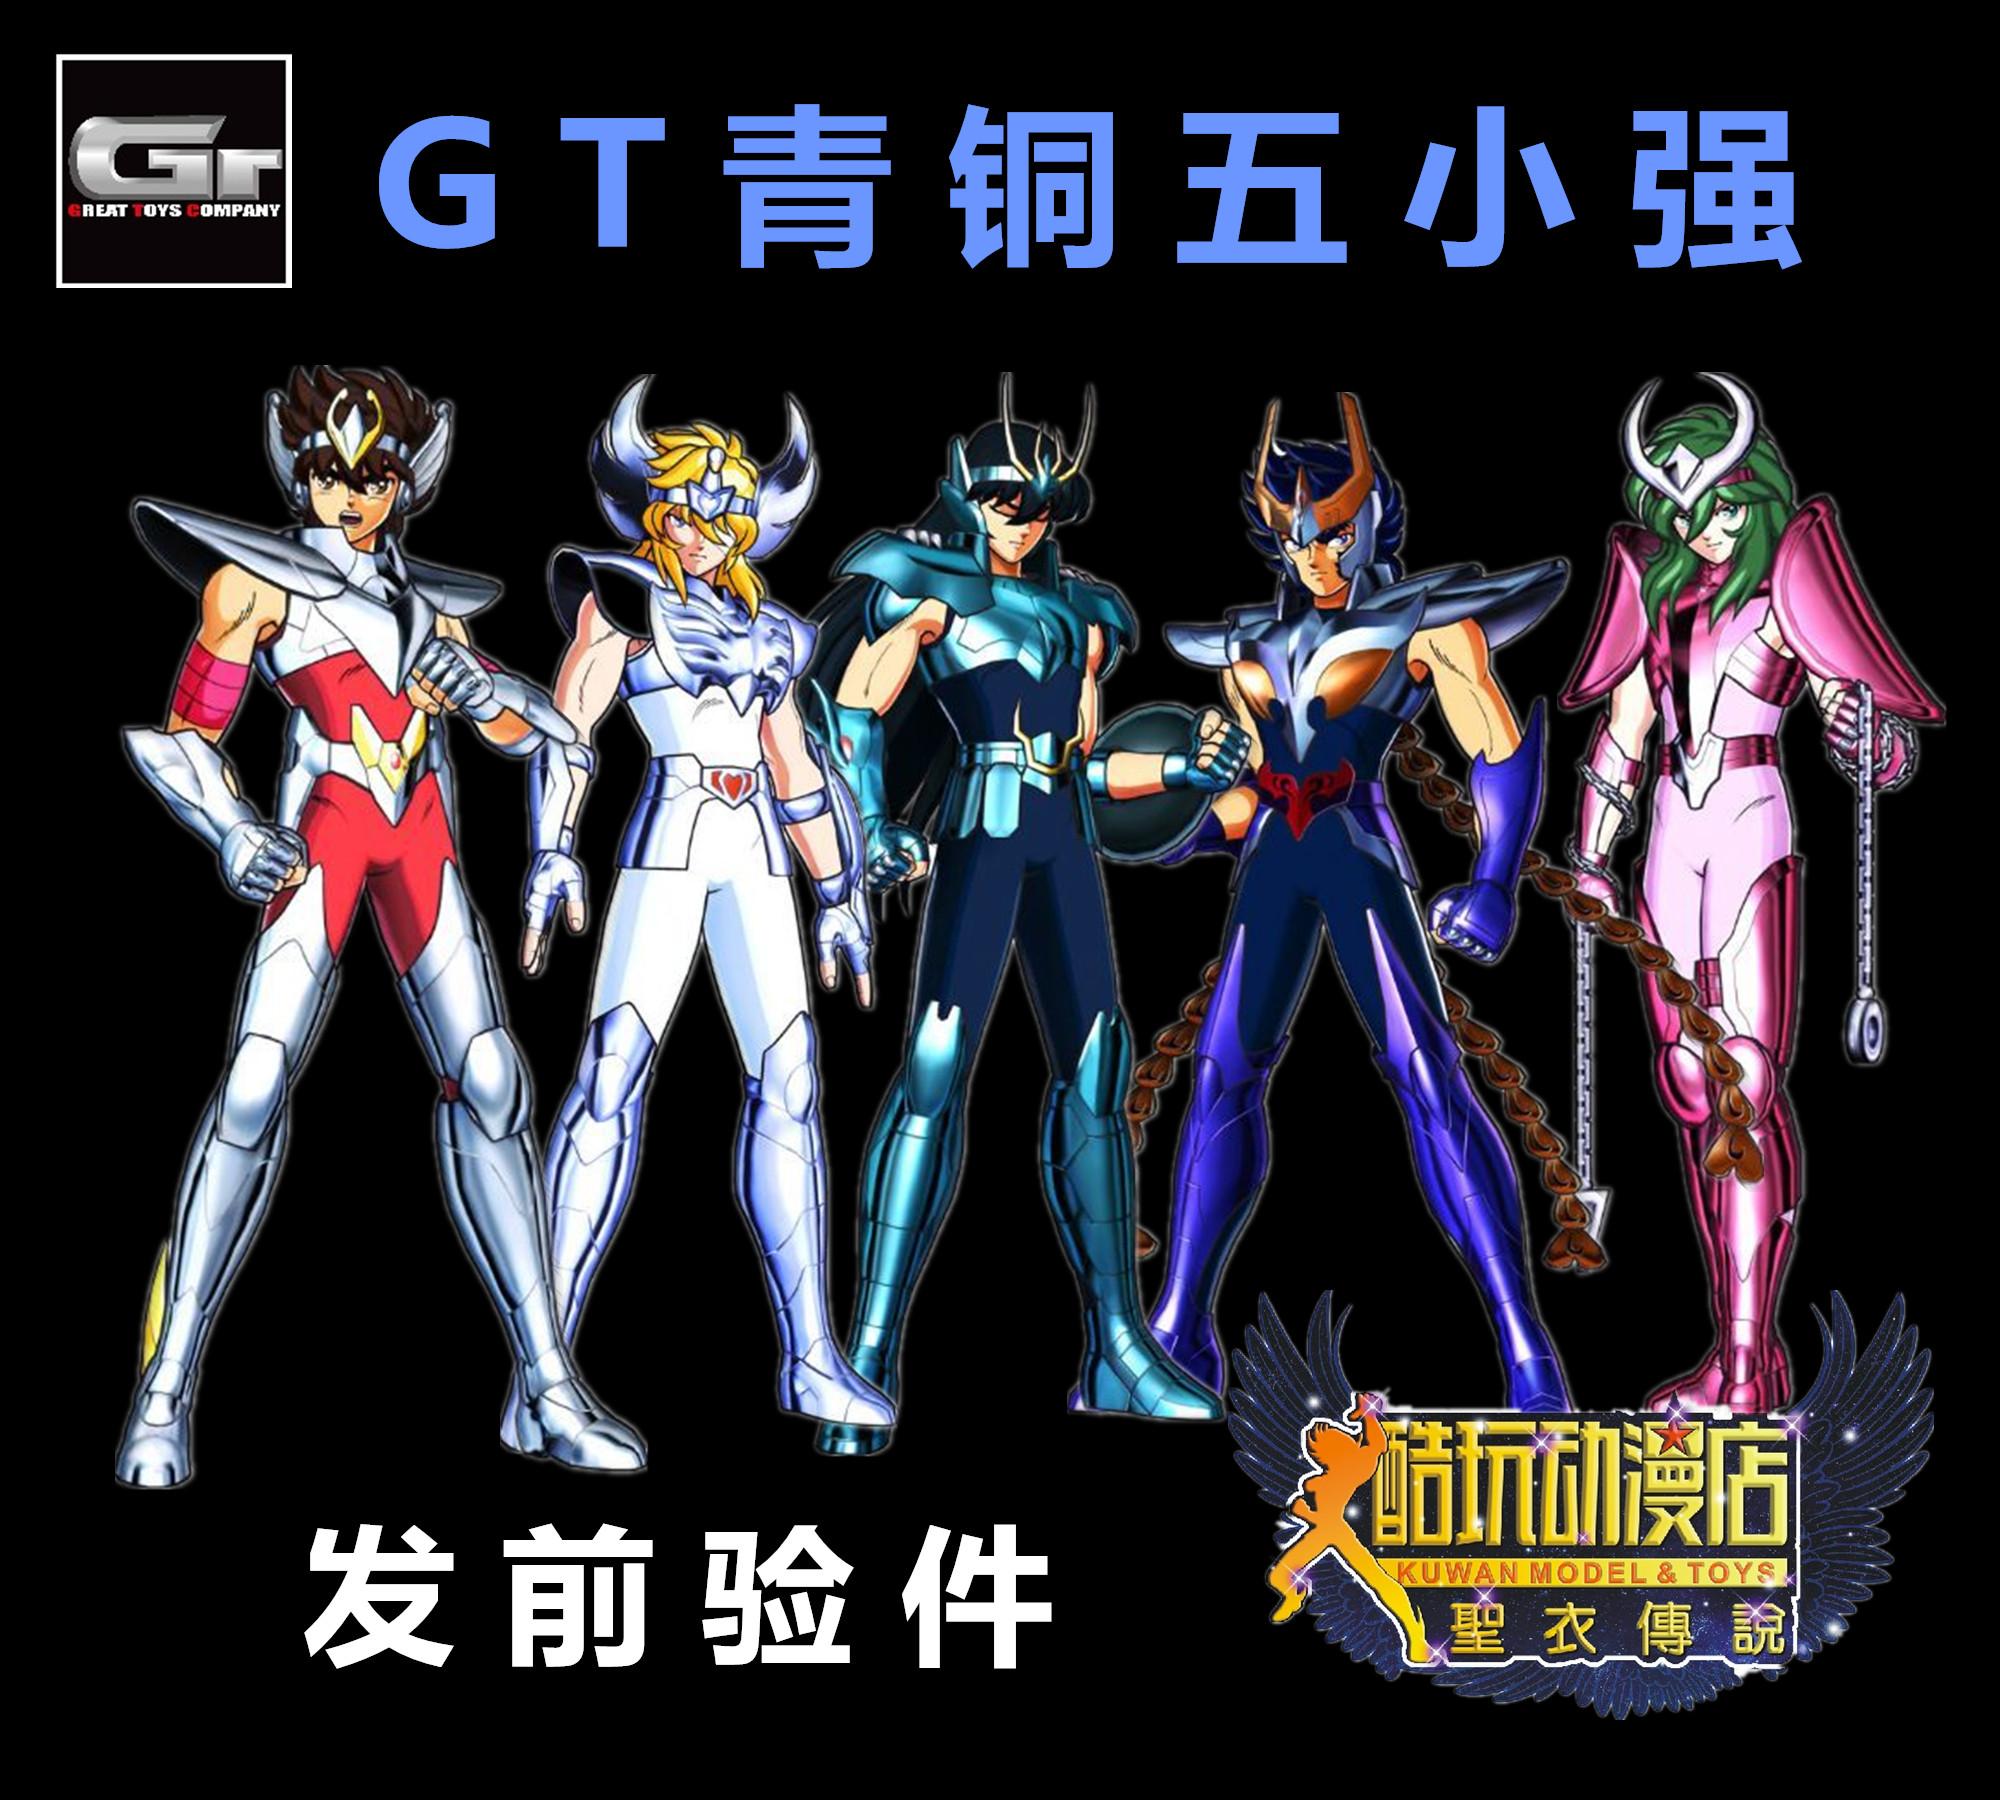 GT 圣斗士模型 圣衣神话EX最终天龙紫龙天马星矢白鸟凤凰仙女原色